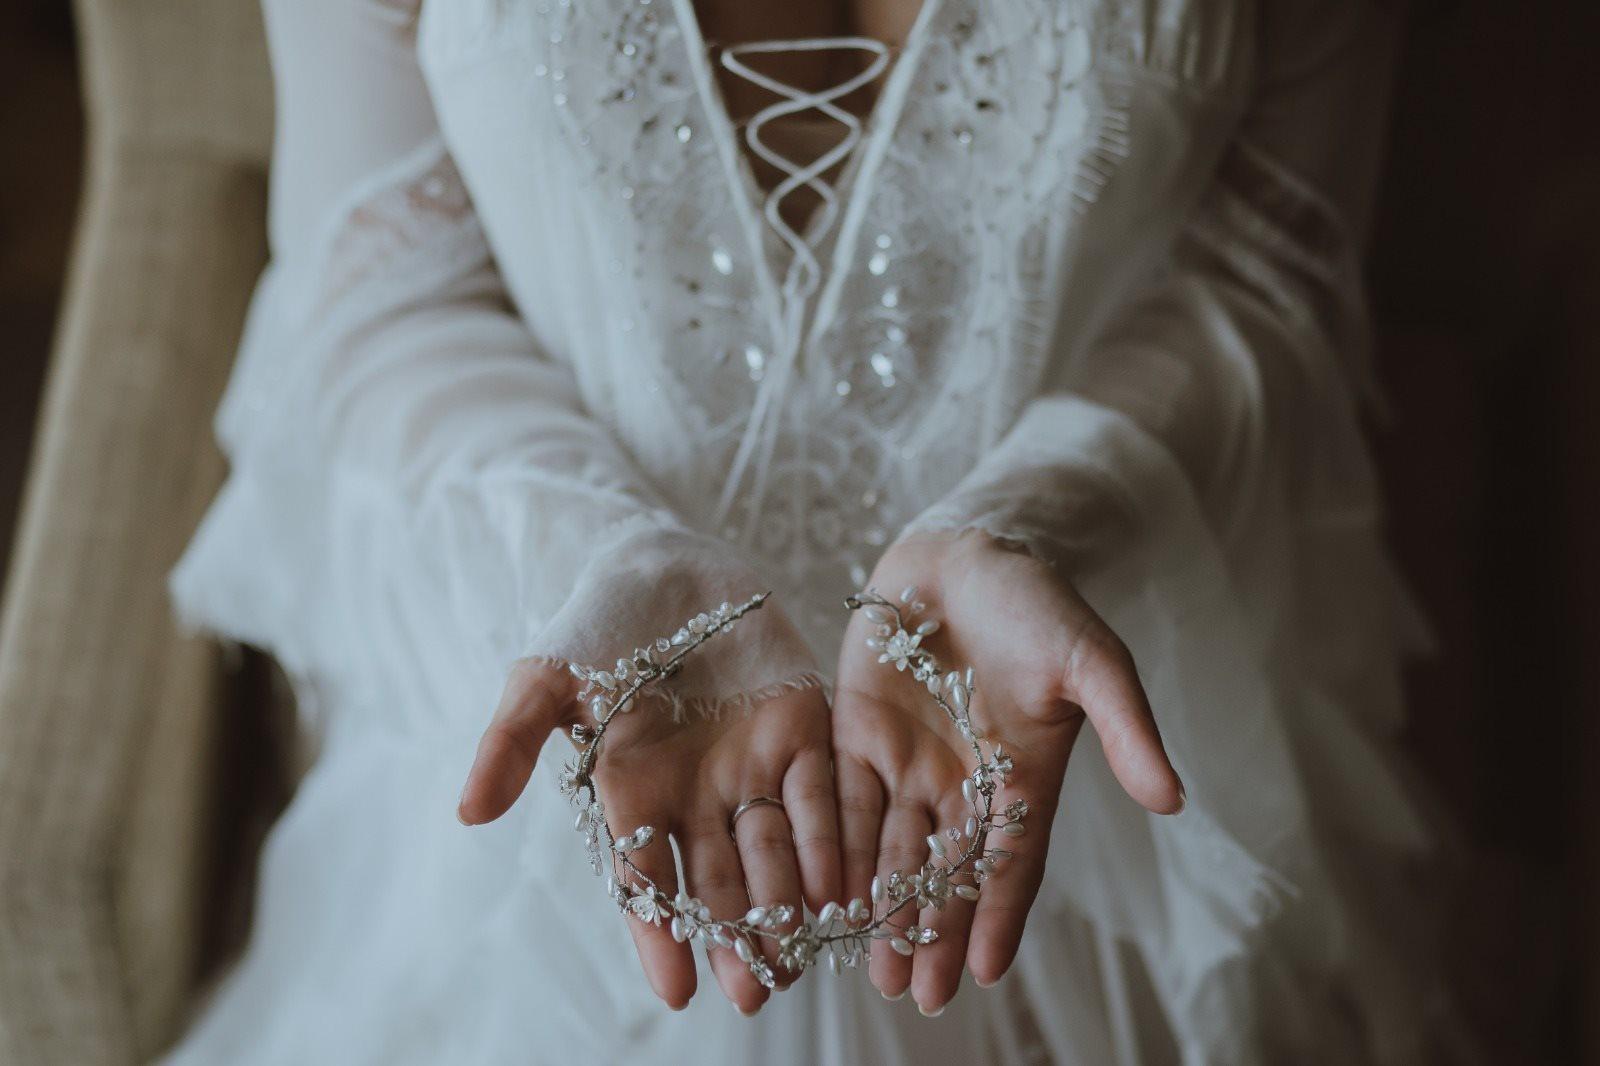 בחירת שמלת כלה: המדריך המלא